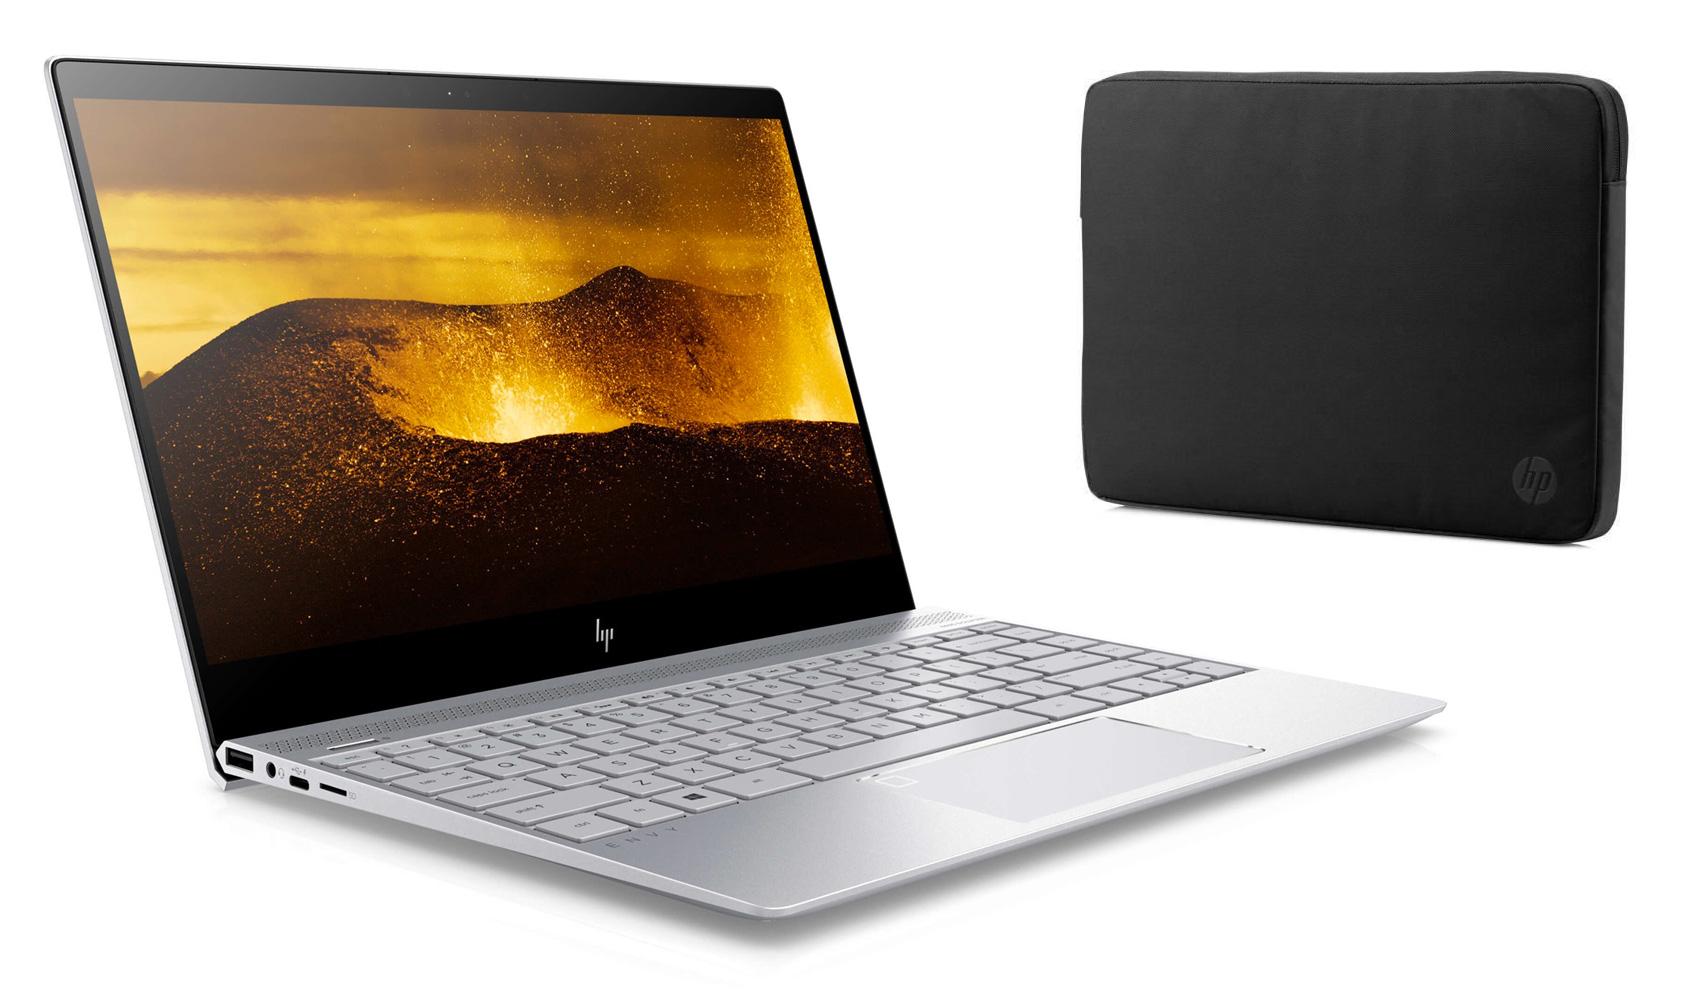 """[Cdiscount à volonté] Sélection de PC Portables HP en promotion - Ex : Ultraportable 13.3"""" HP Envy 13-ad002nf - Full HD, i7-7500U, RAM 8 Go, SSD 360 Go, Windows 10, 1.32 kg, Autonomie jusqu'à 14h + Housse (via ODR de 100€)"""